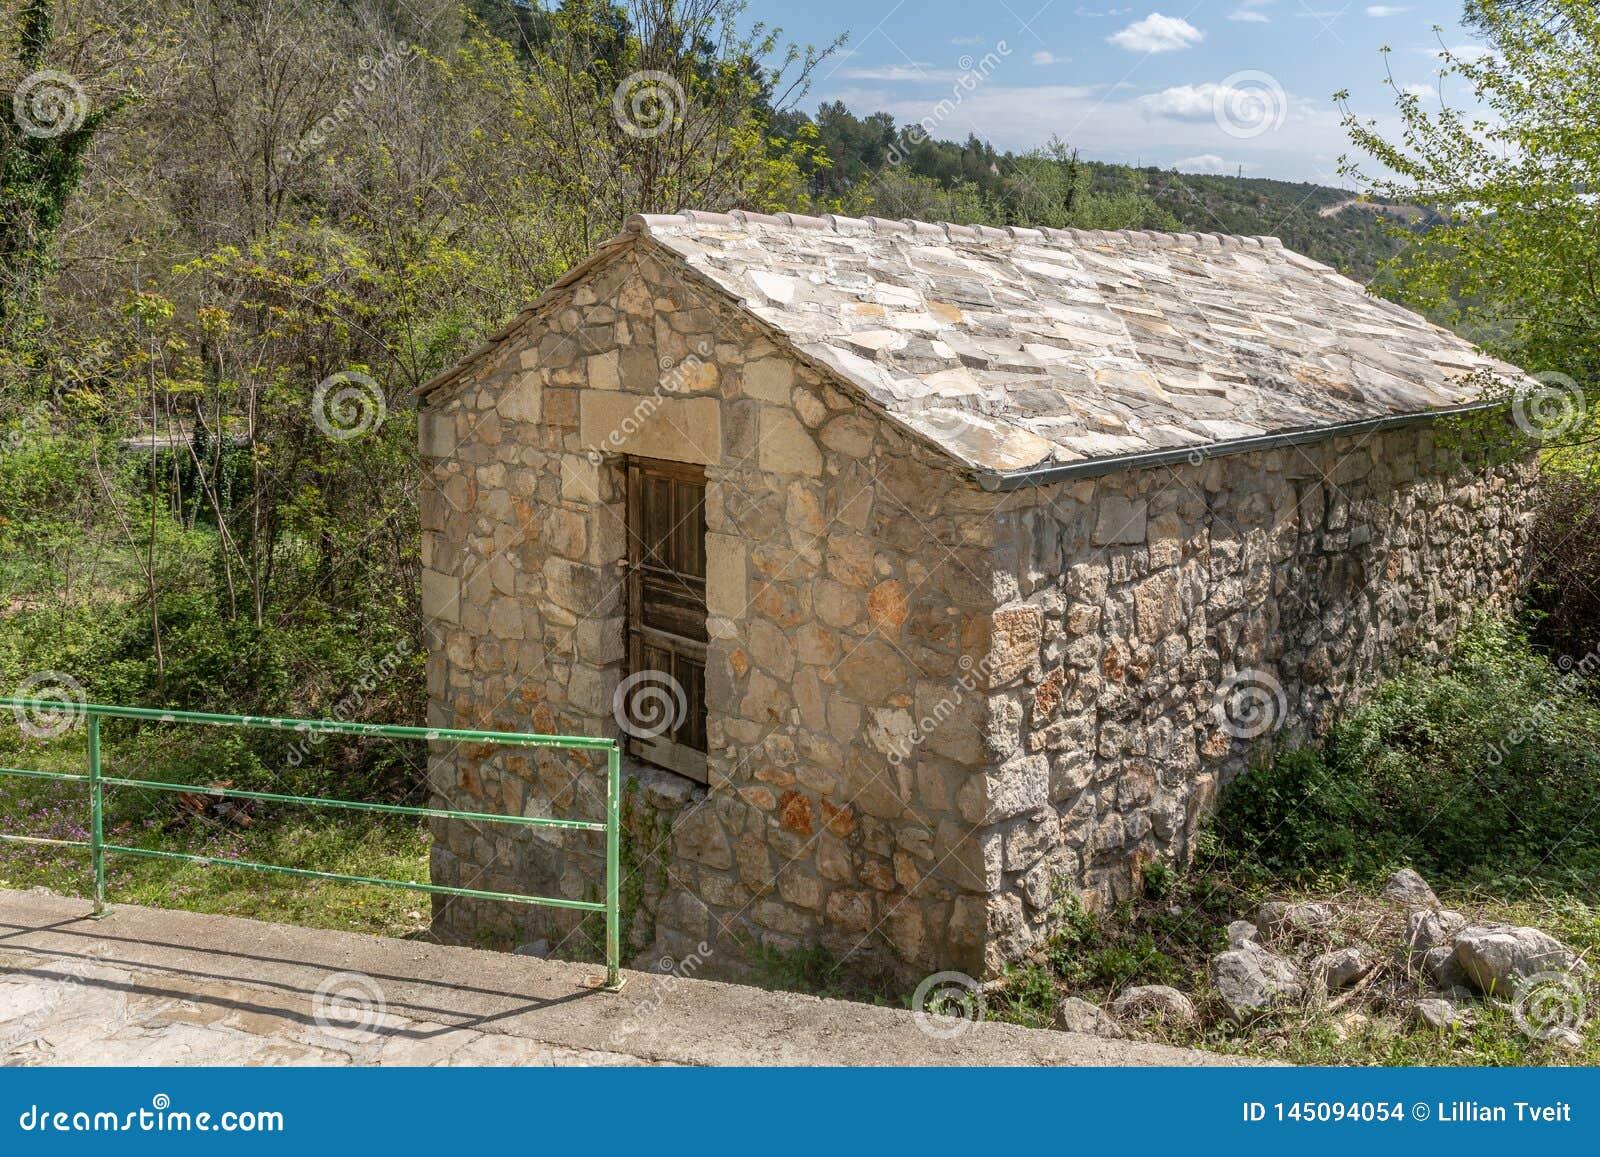 Stone Shed With Stone Roof In Kravice, Bosnia-Herzegovina Stock Photo - Image of farm, herzegovina: 145094054